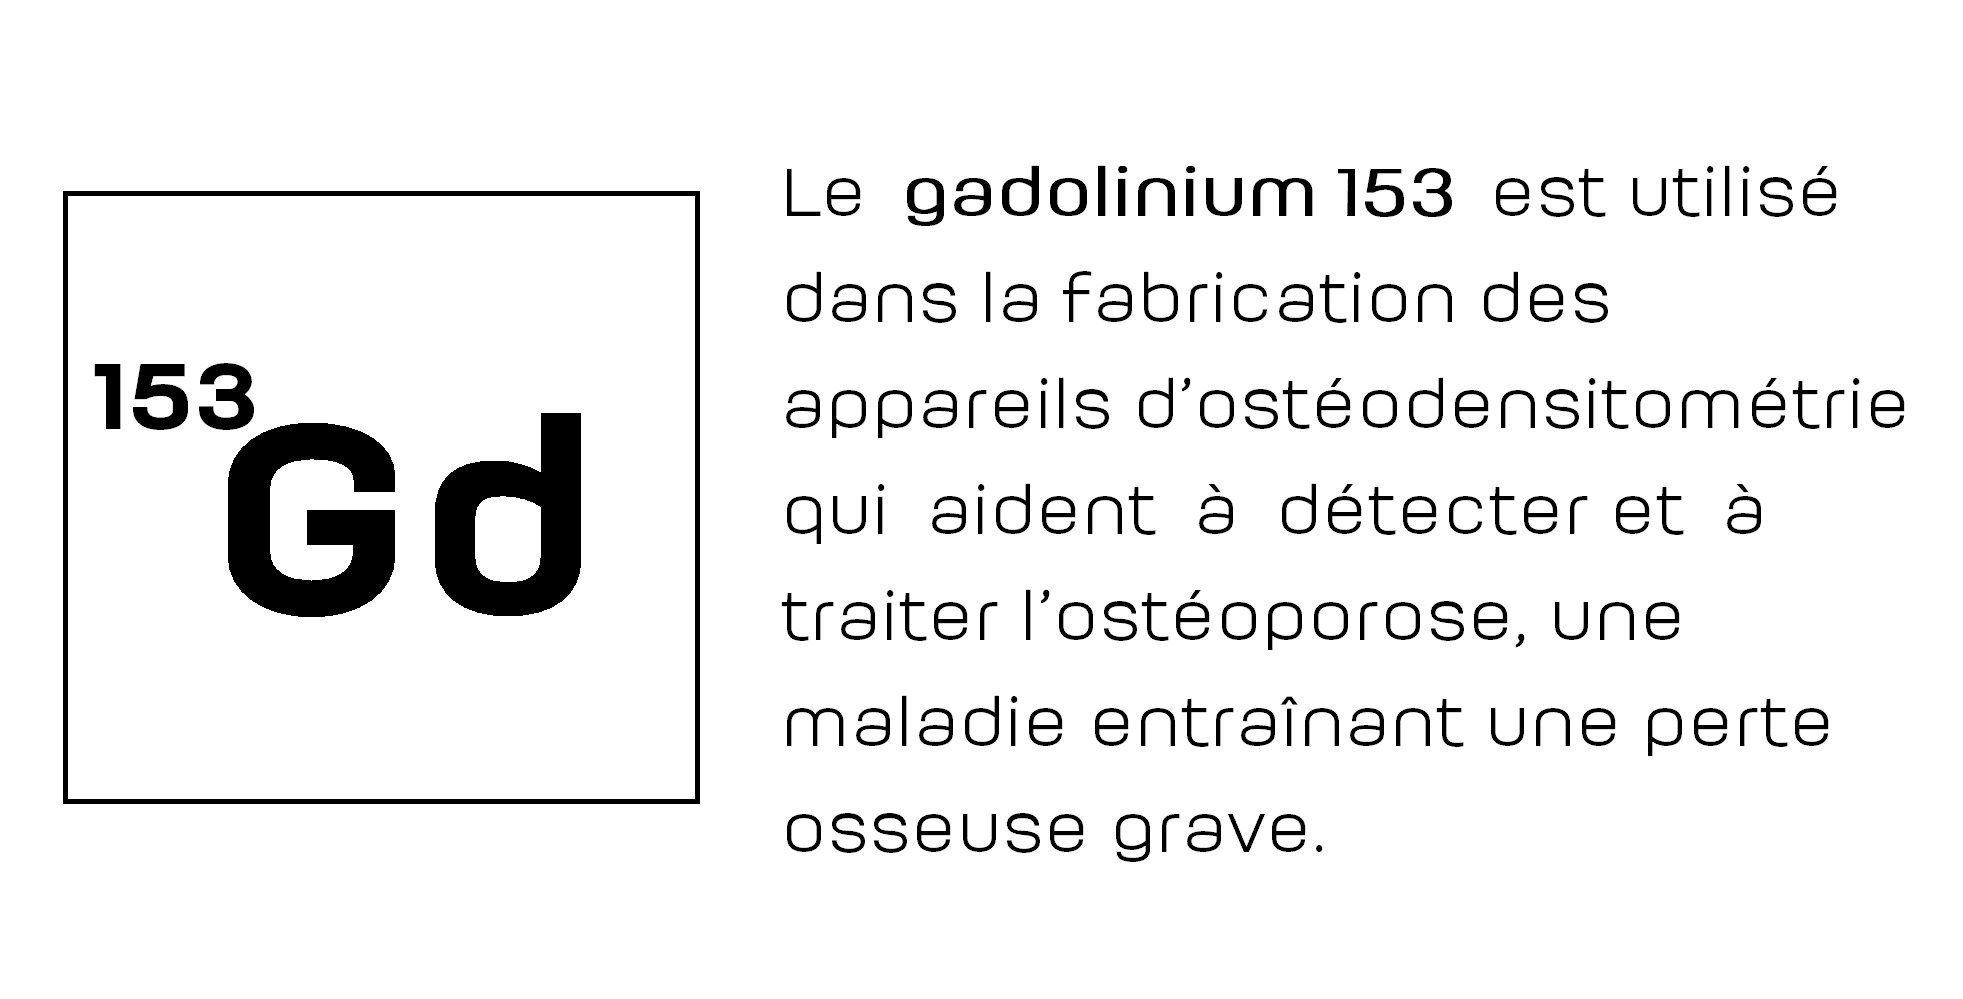 Gadolinium 153